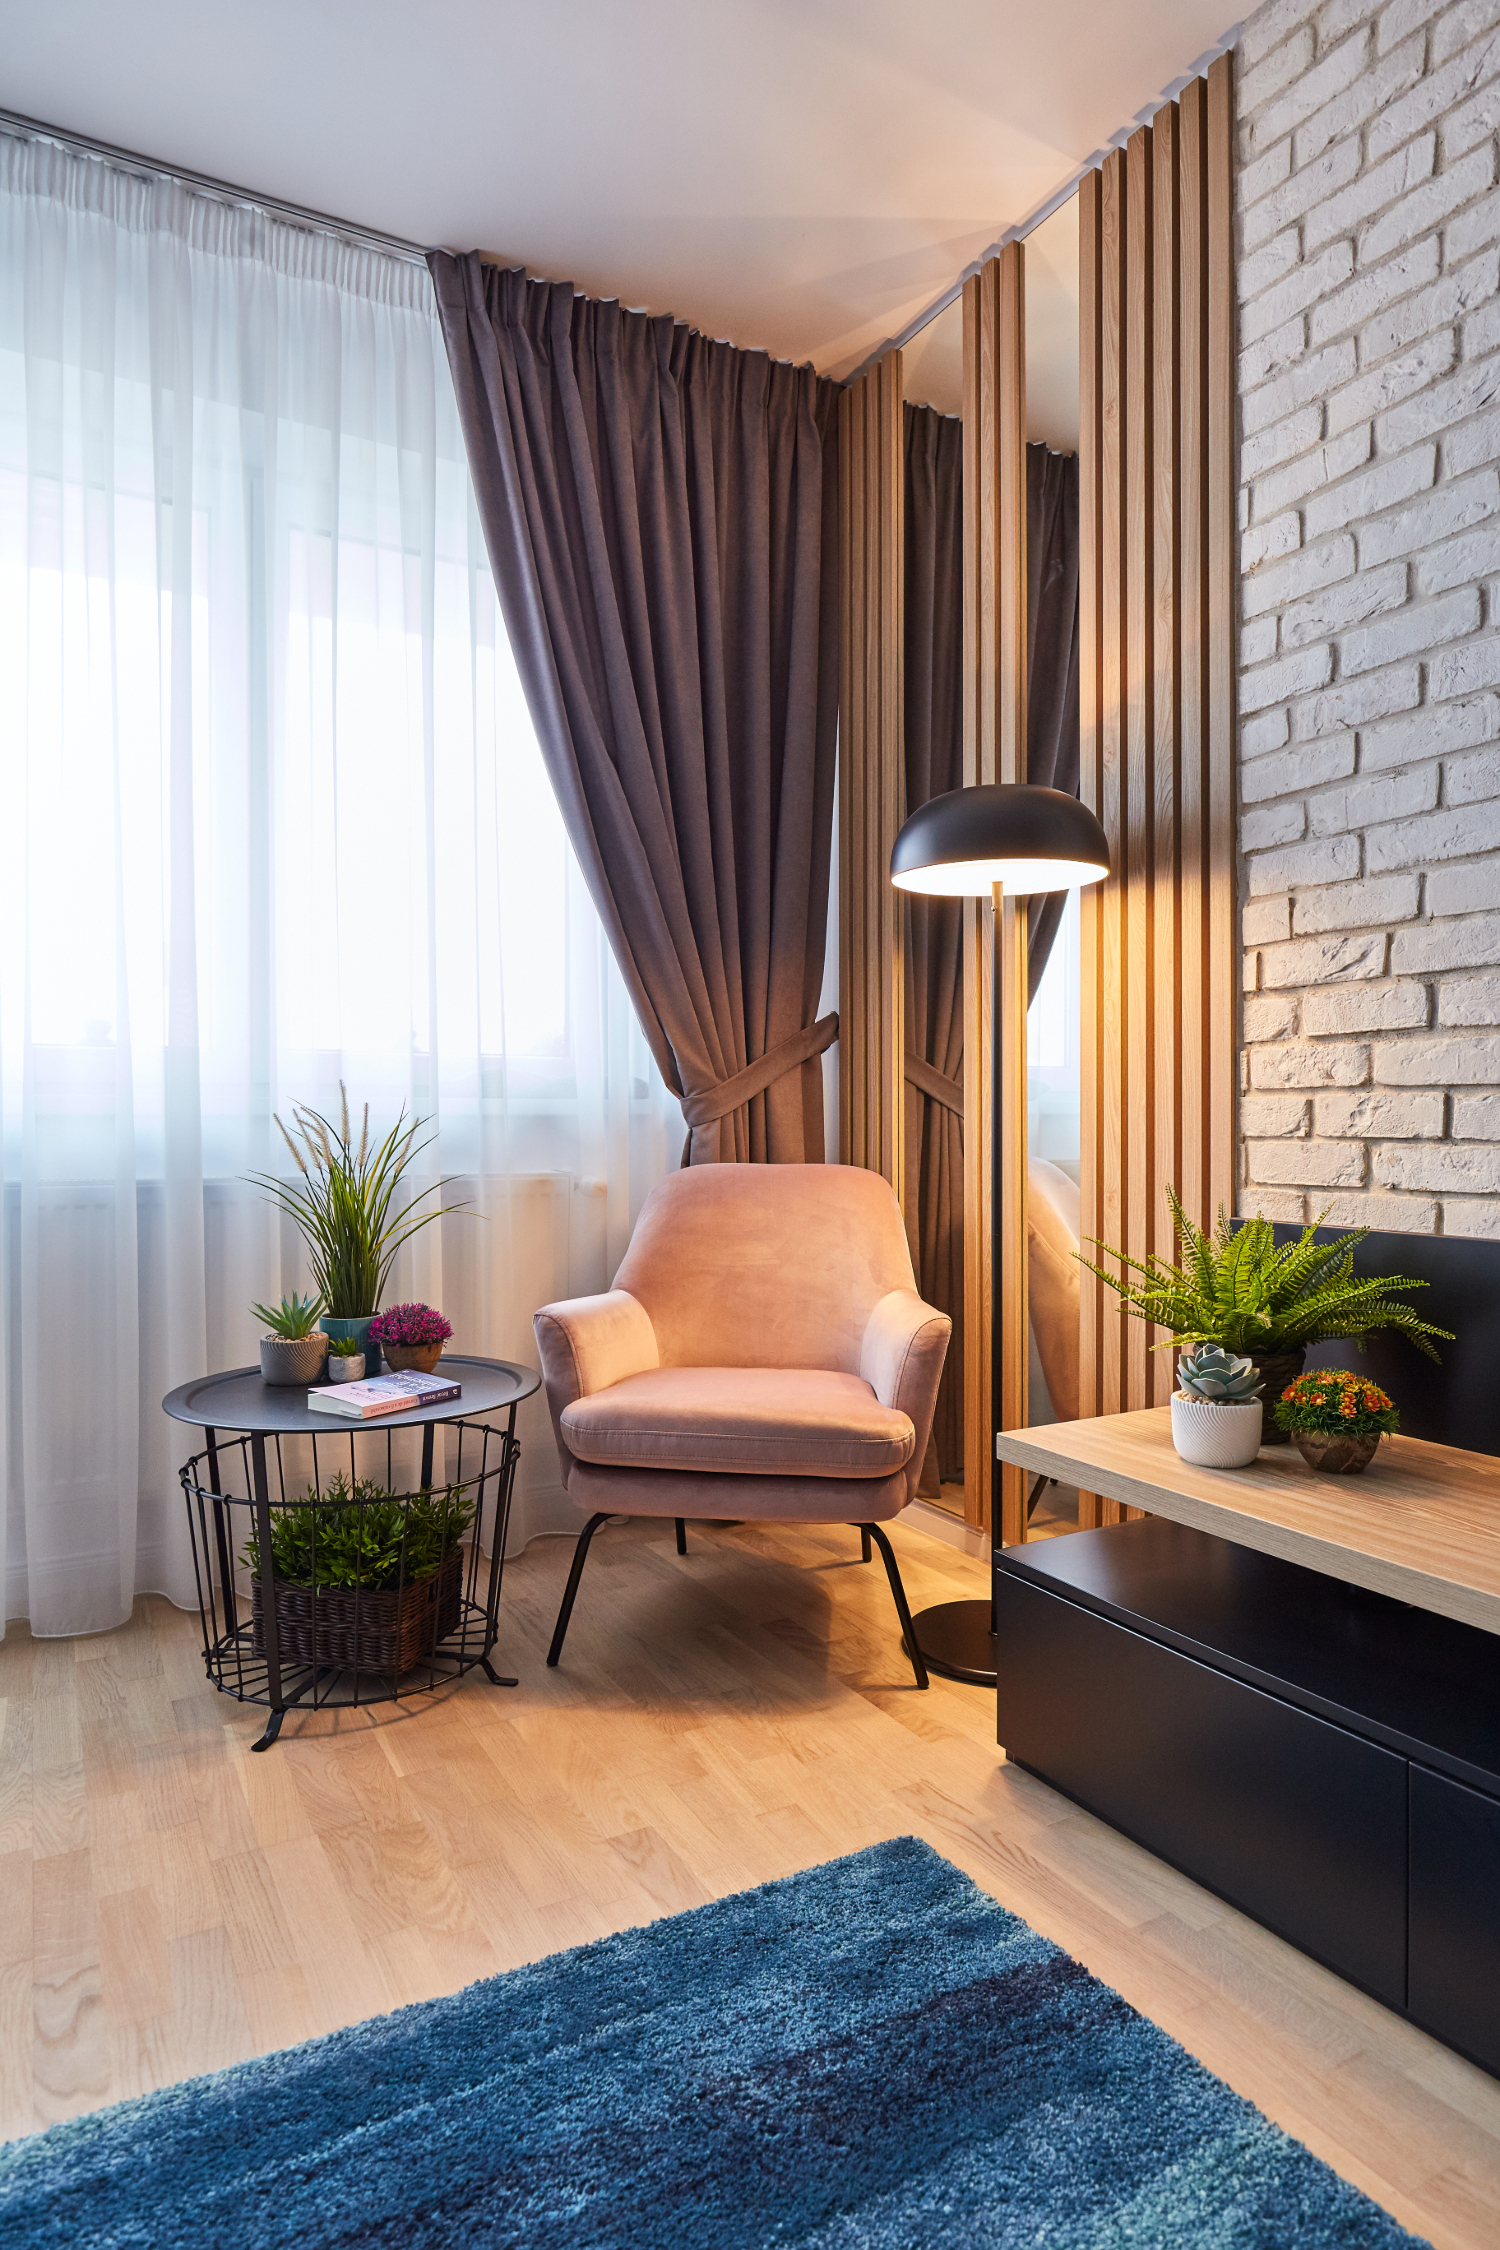 Amenajare living. Colț de citit. Amenajare apartament două camere București, arh. int. Cristina Micu